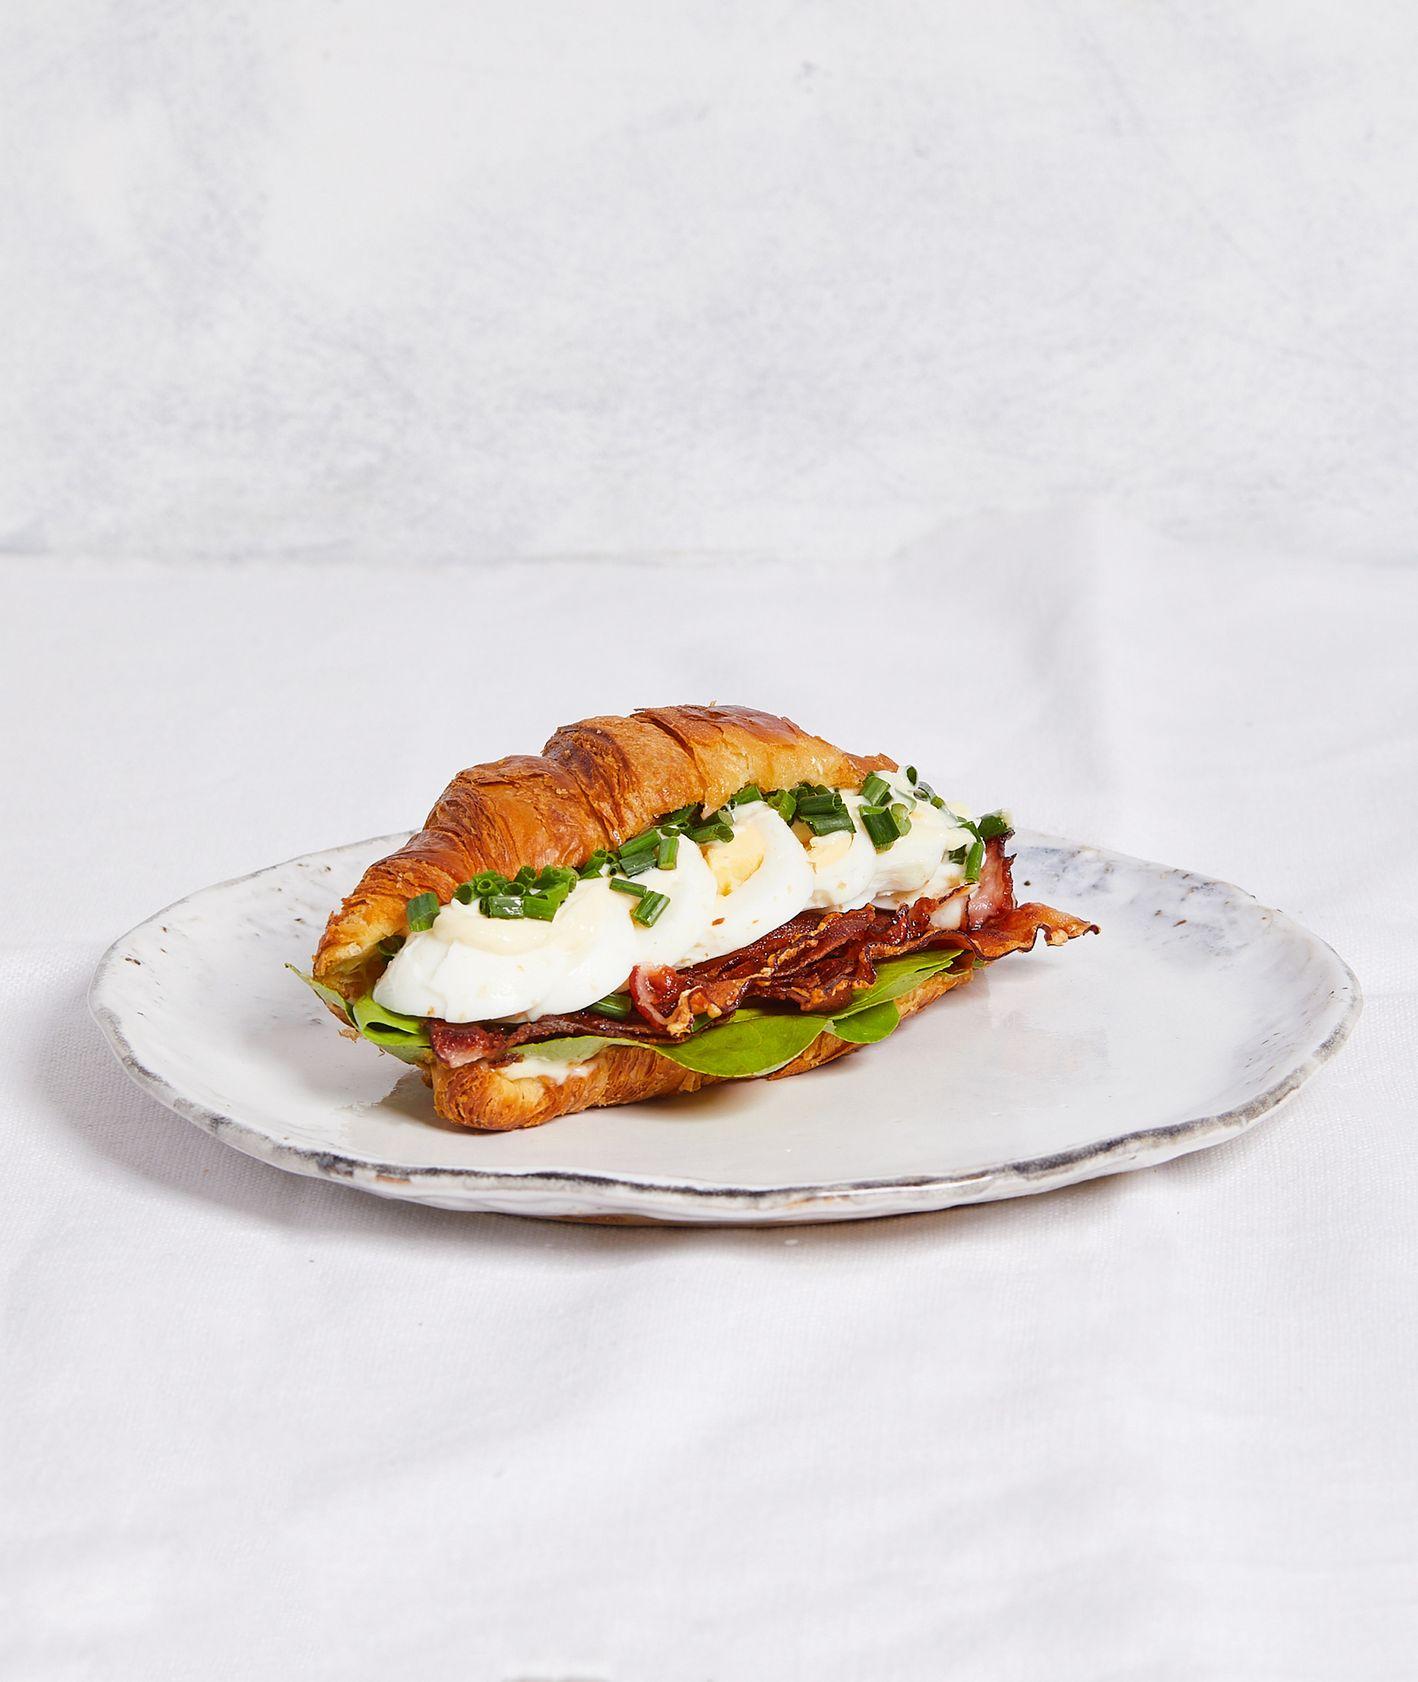 Wytrawny croissant z jajkiem na twardo, wędzonym boczkiem i wasabi (fot. Maciek Niemojewski)